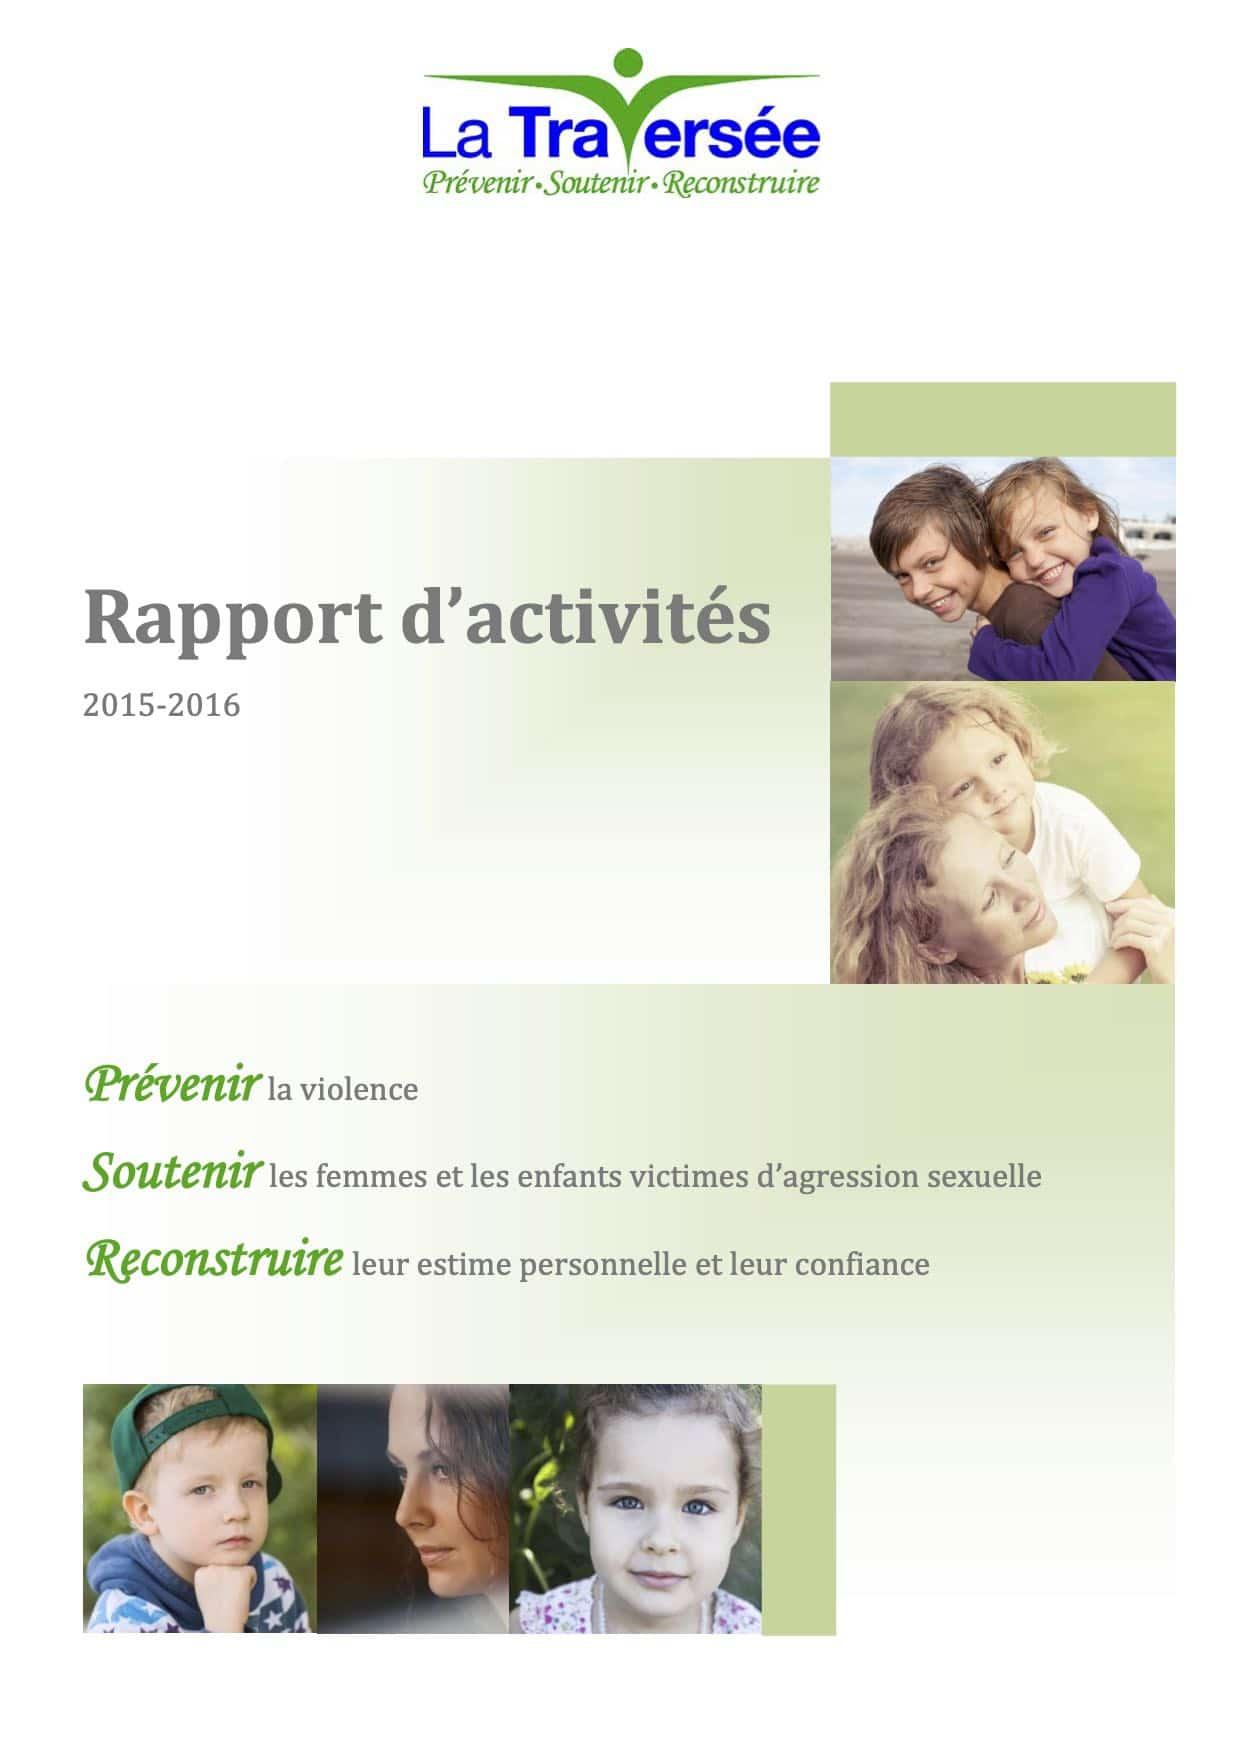 La Traversée - Rapport d'activités 2015-2016